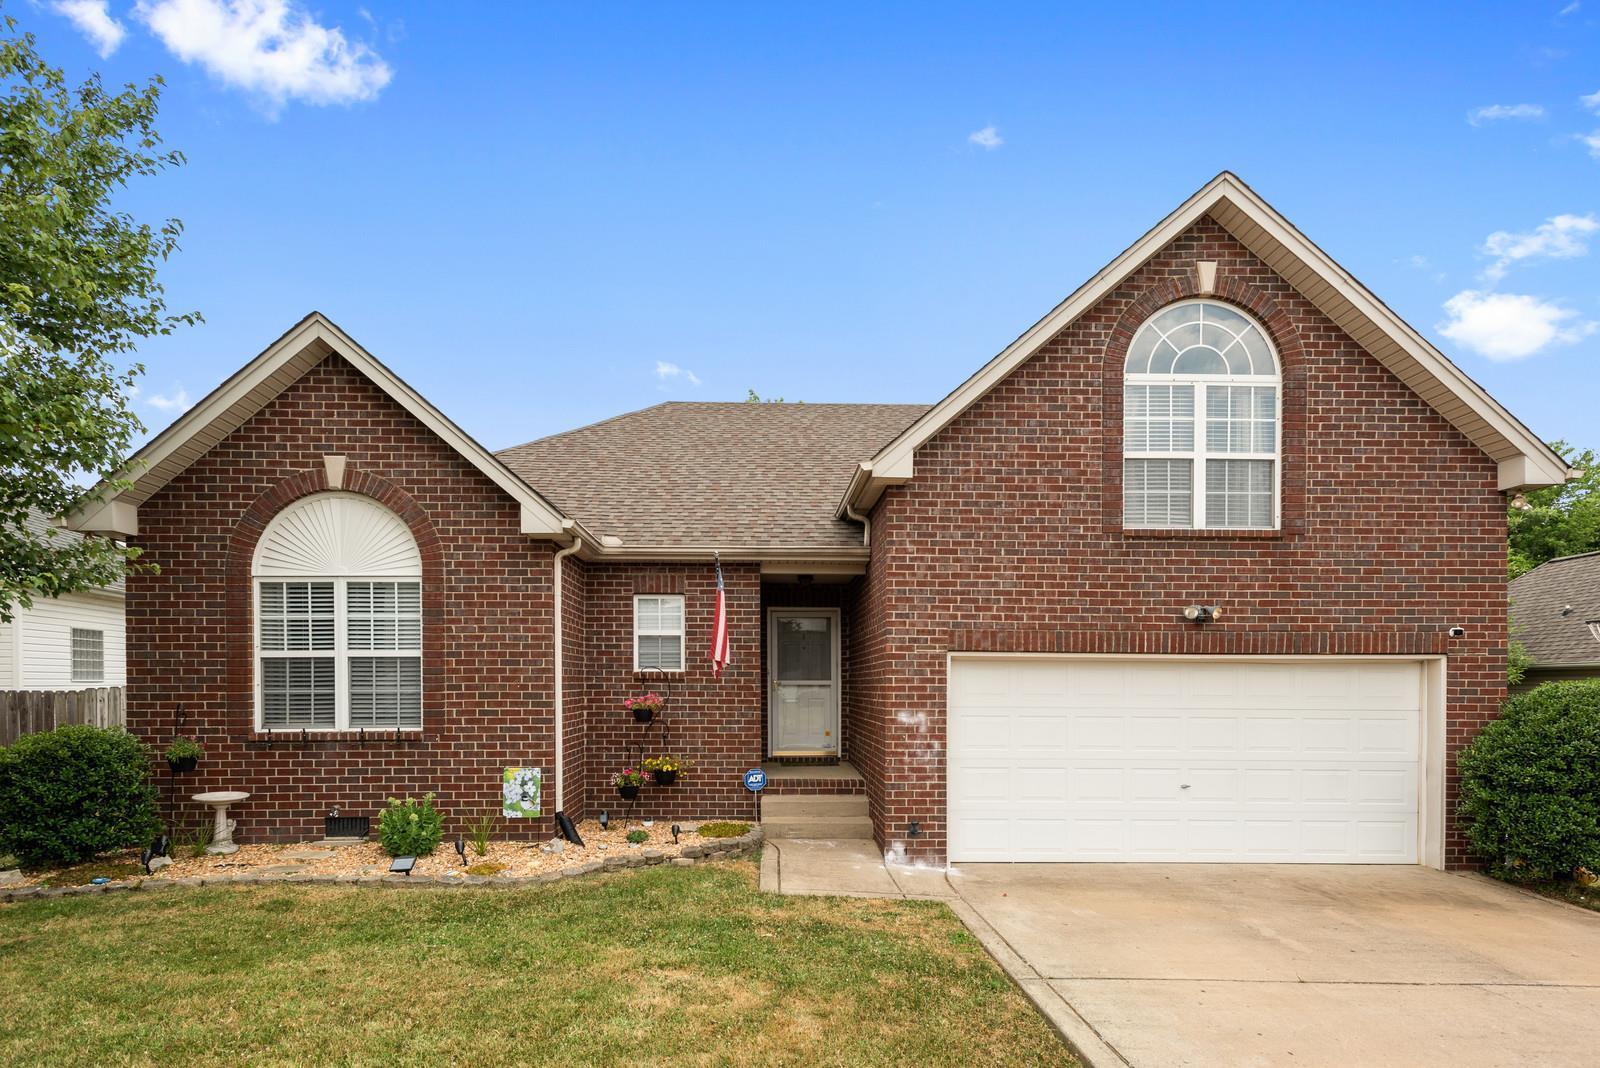 289 Iris Dr, Hendersonville, TN 37075 - Hendersonville, TN real estate listing